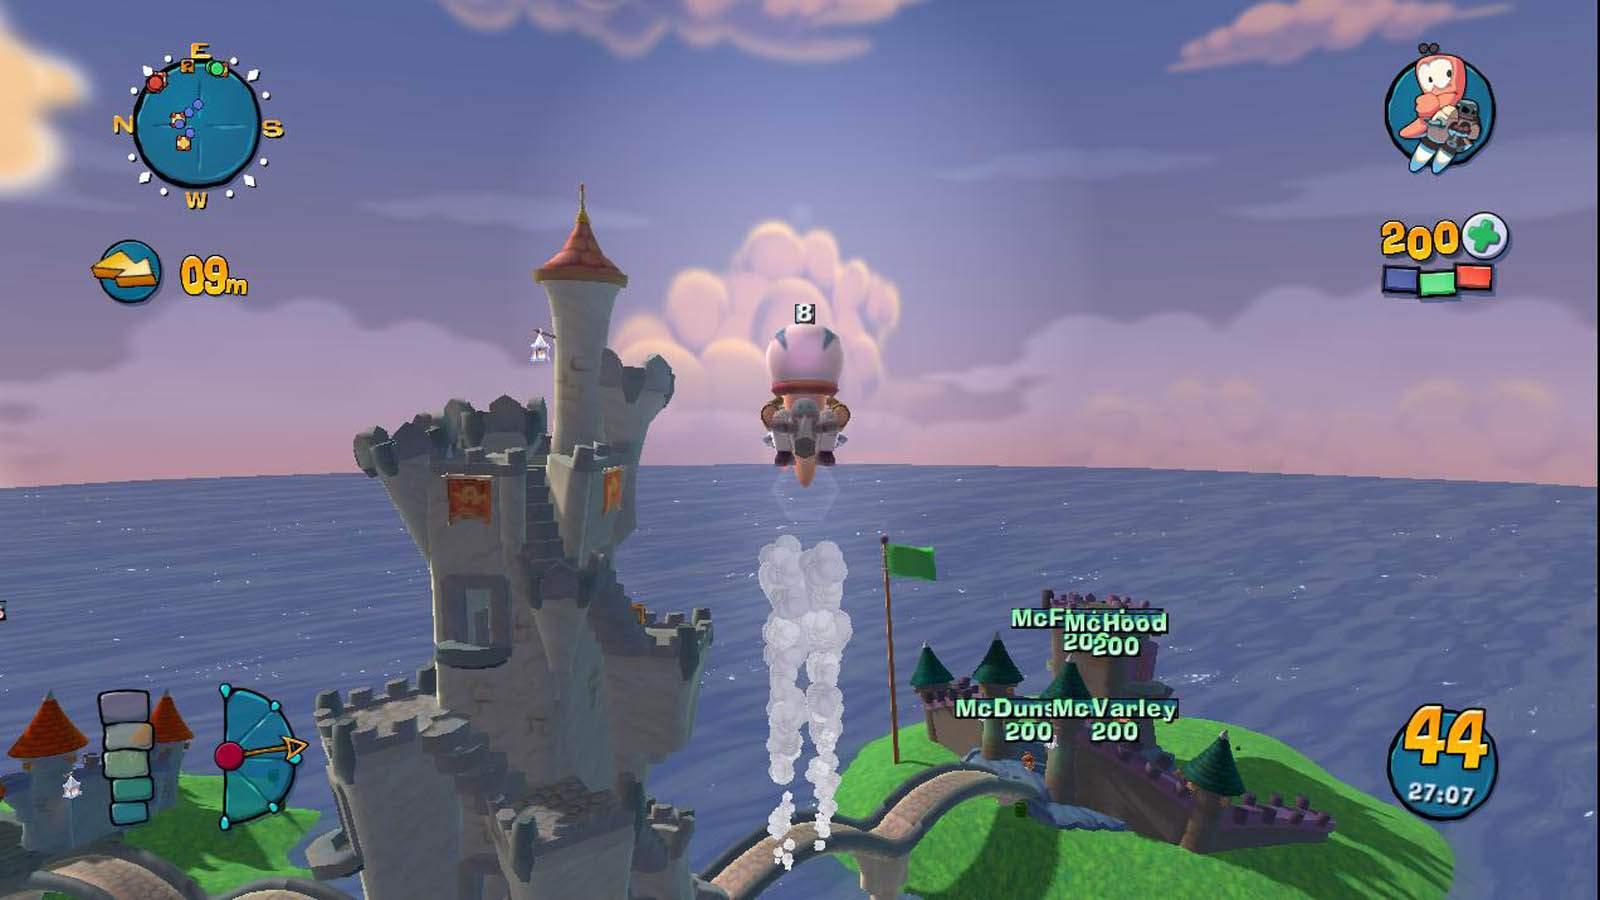 تحميل لعبة Worms 4 Ultimate Mayhem مضغوطة برابط واحد مباشر كاملة مجانا